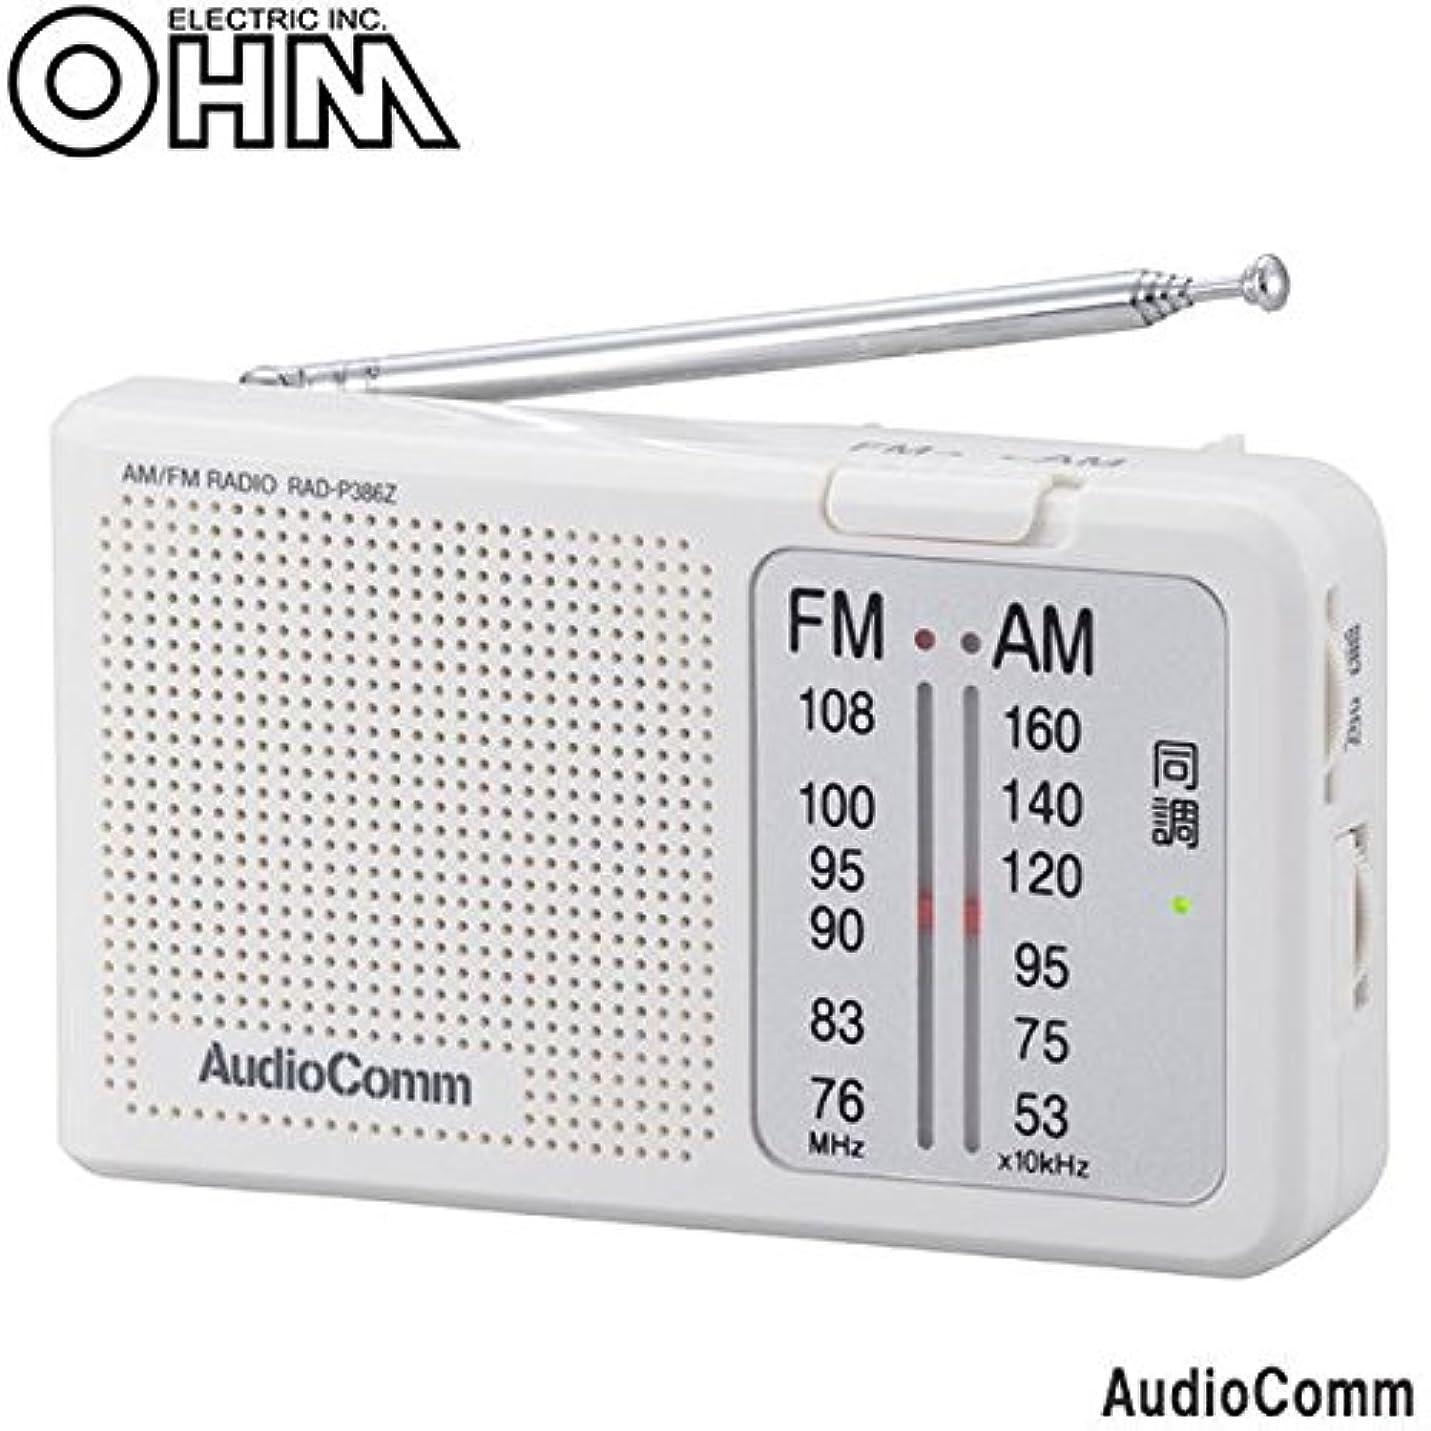 子供時代市場自発オーム電機 OHM AudioComm AM/FMハンディラジオ RAD-P386Z